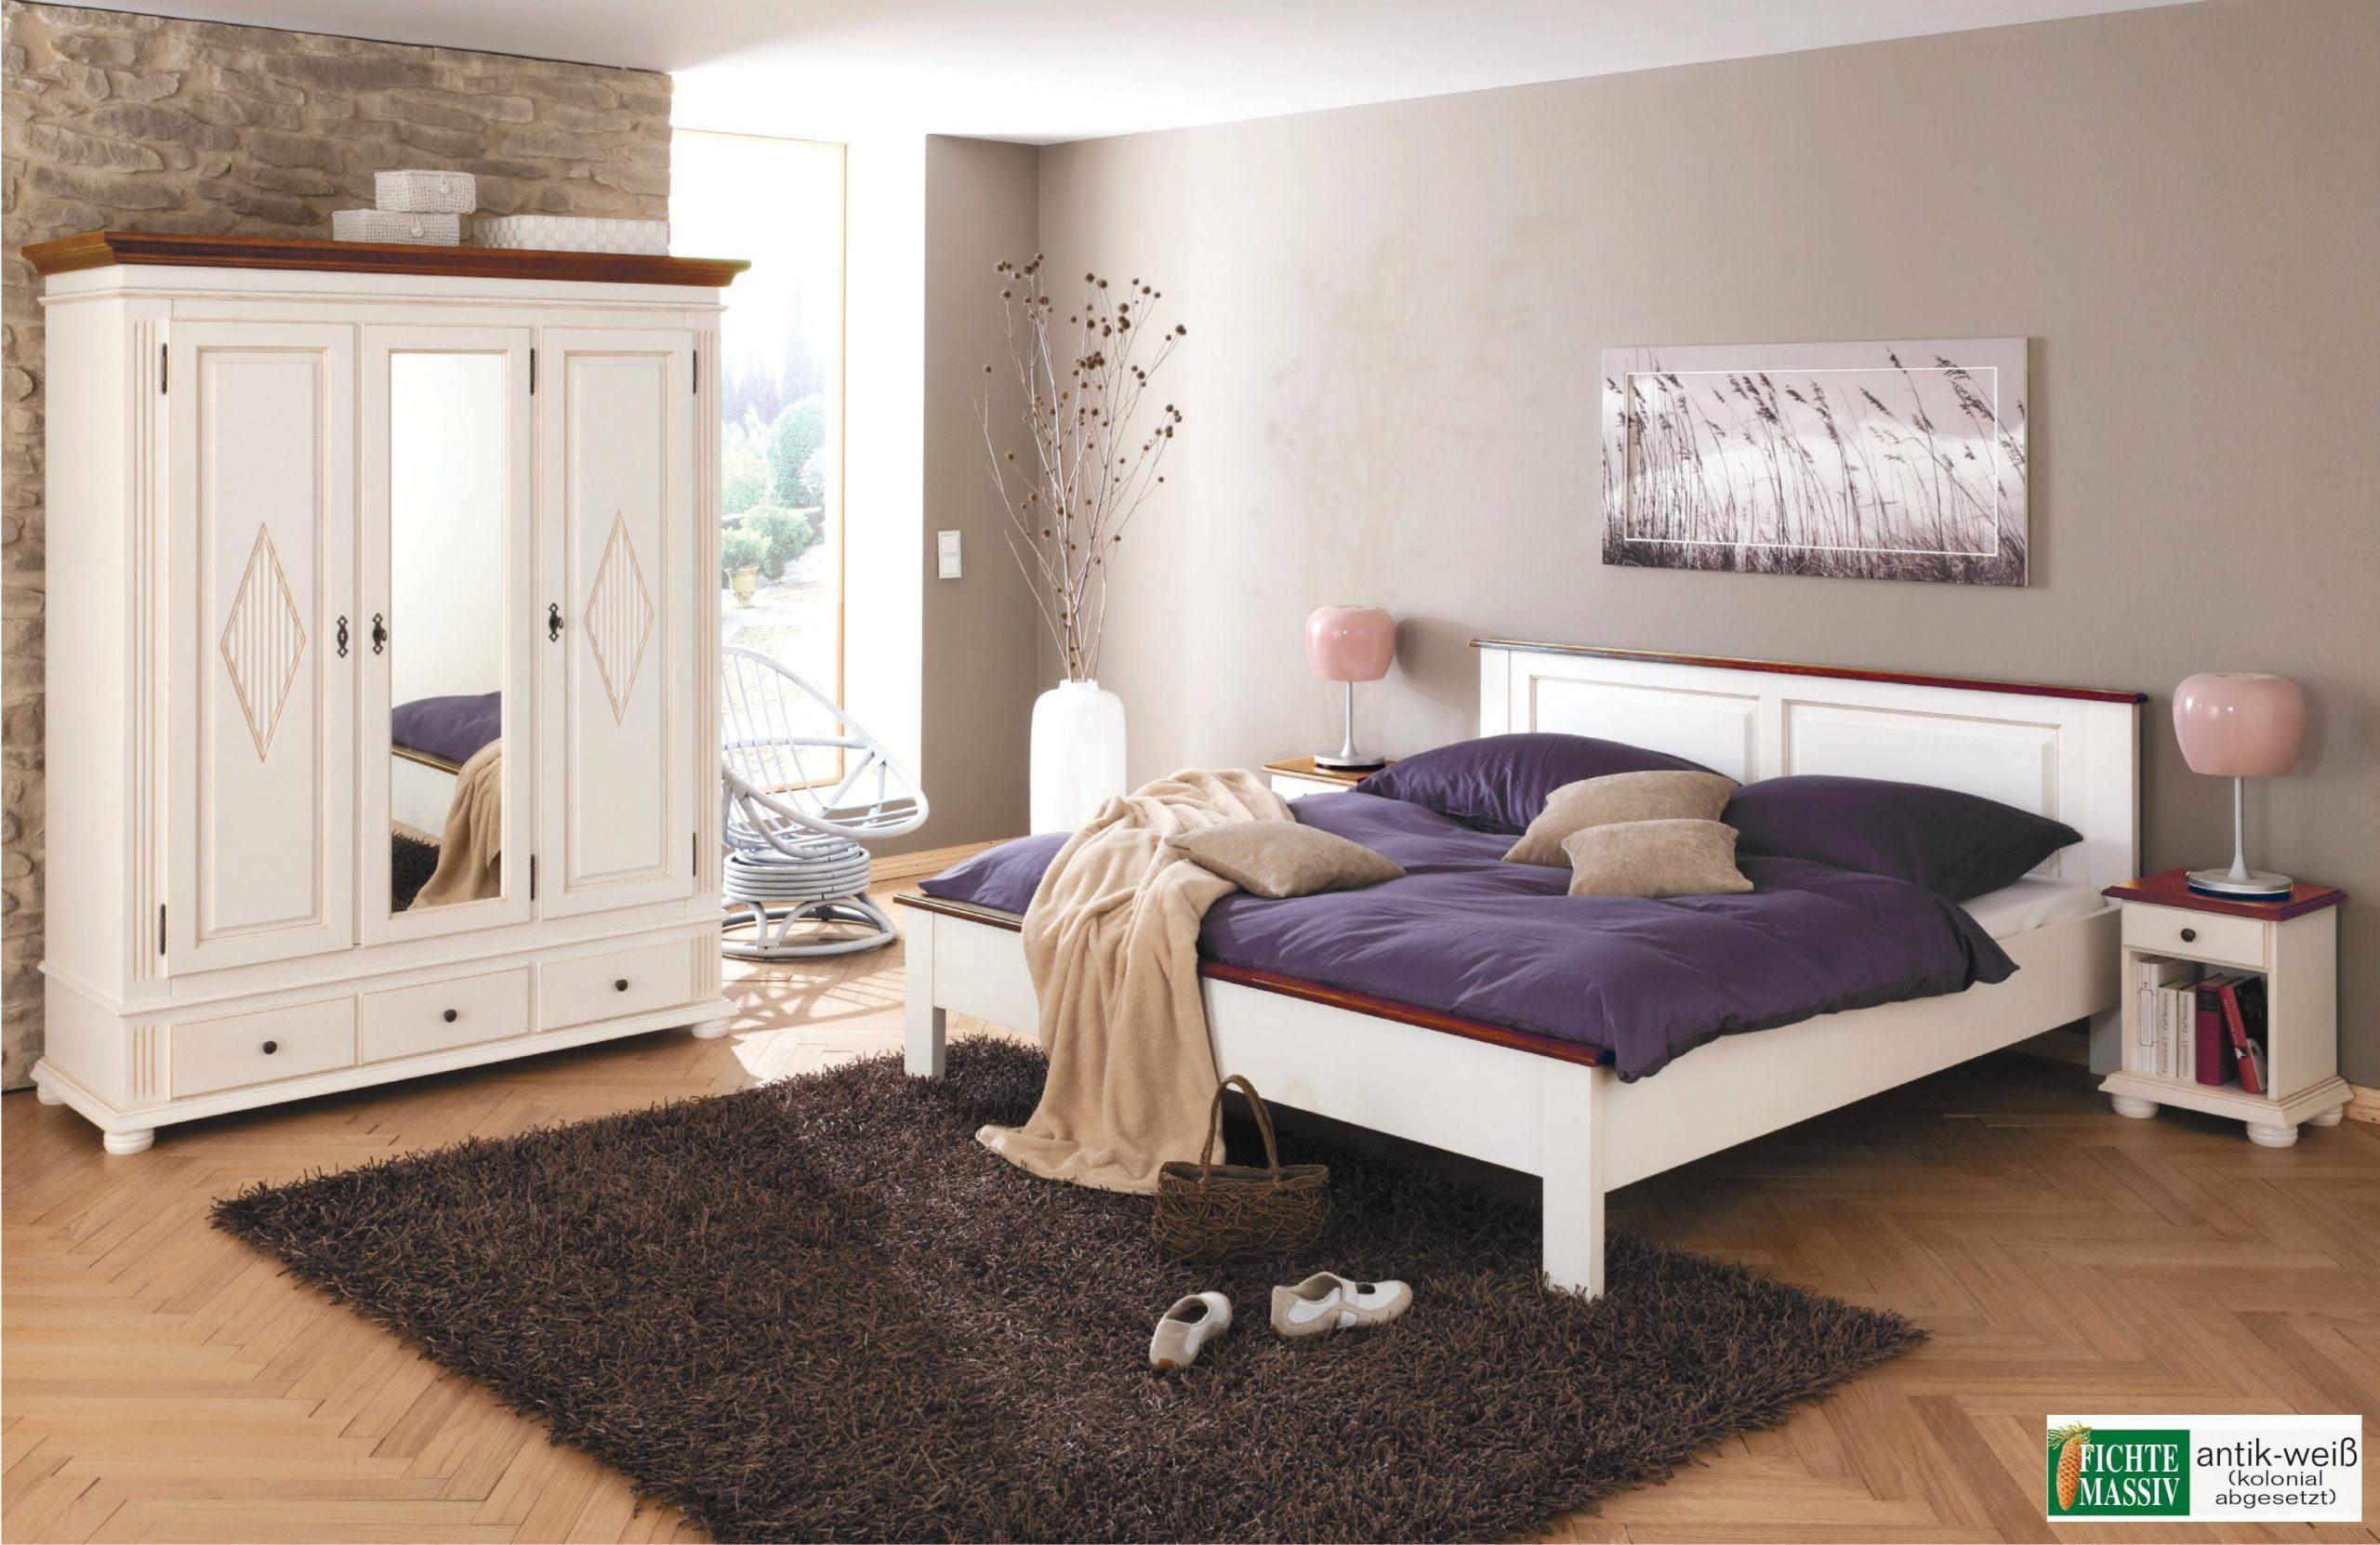 Full Size of Schlafzimmer Landhausstil Weiß Bett 200x200 Küche Hochglanz Holz Badezimmer Hochschrank 140x200 Teppich Komplett Mit Lattenrost Und Matratze Tapeten Betten Schlafzimmer Schlafzimmer Landhausstil Weiß